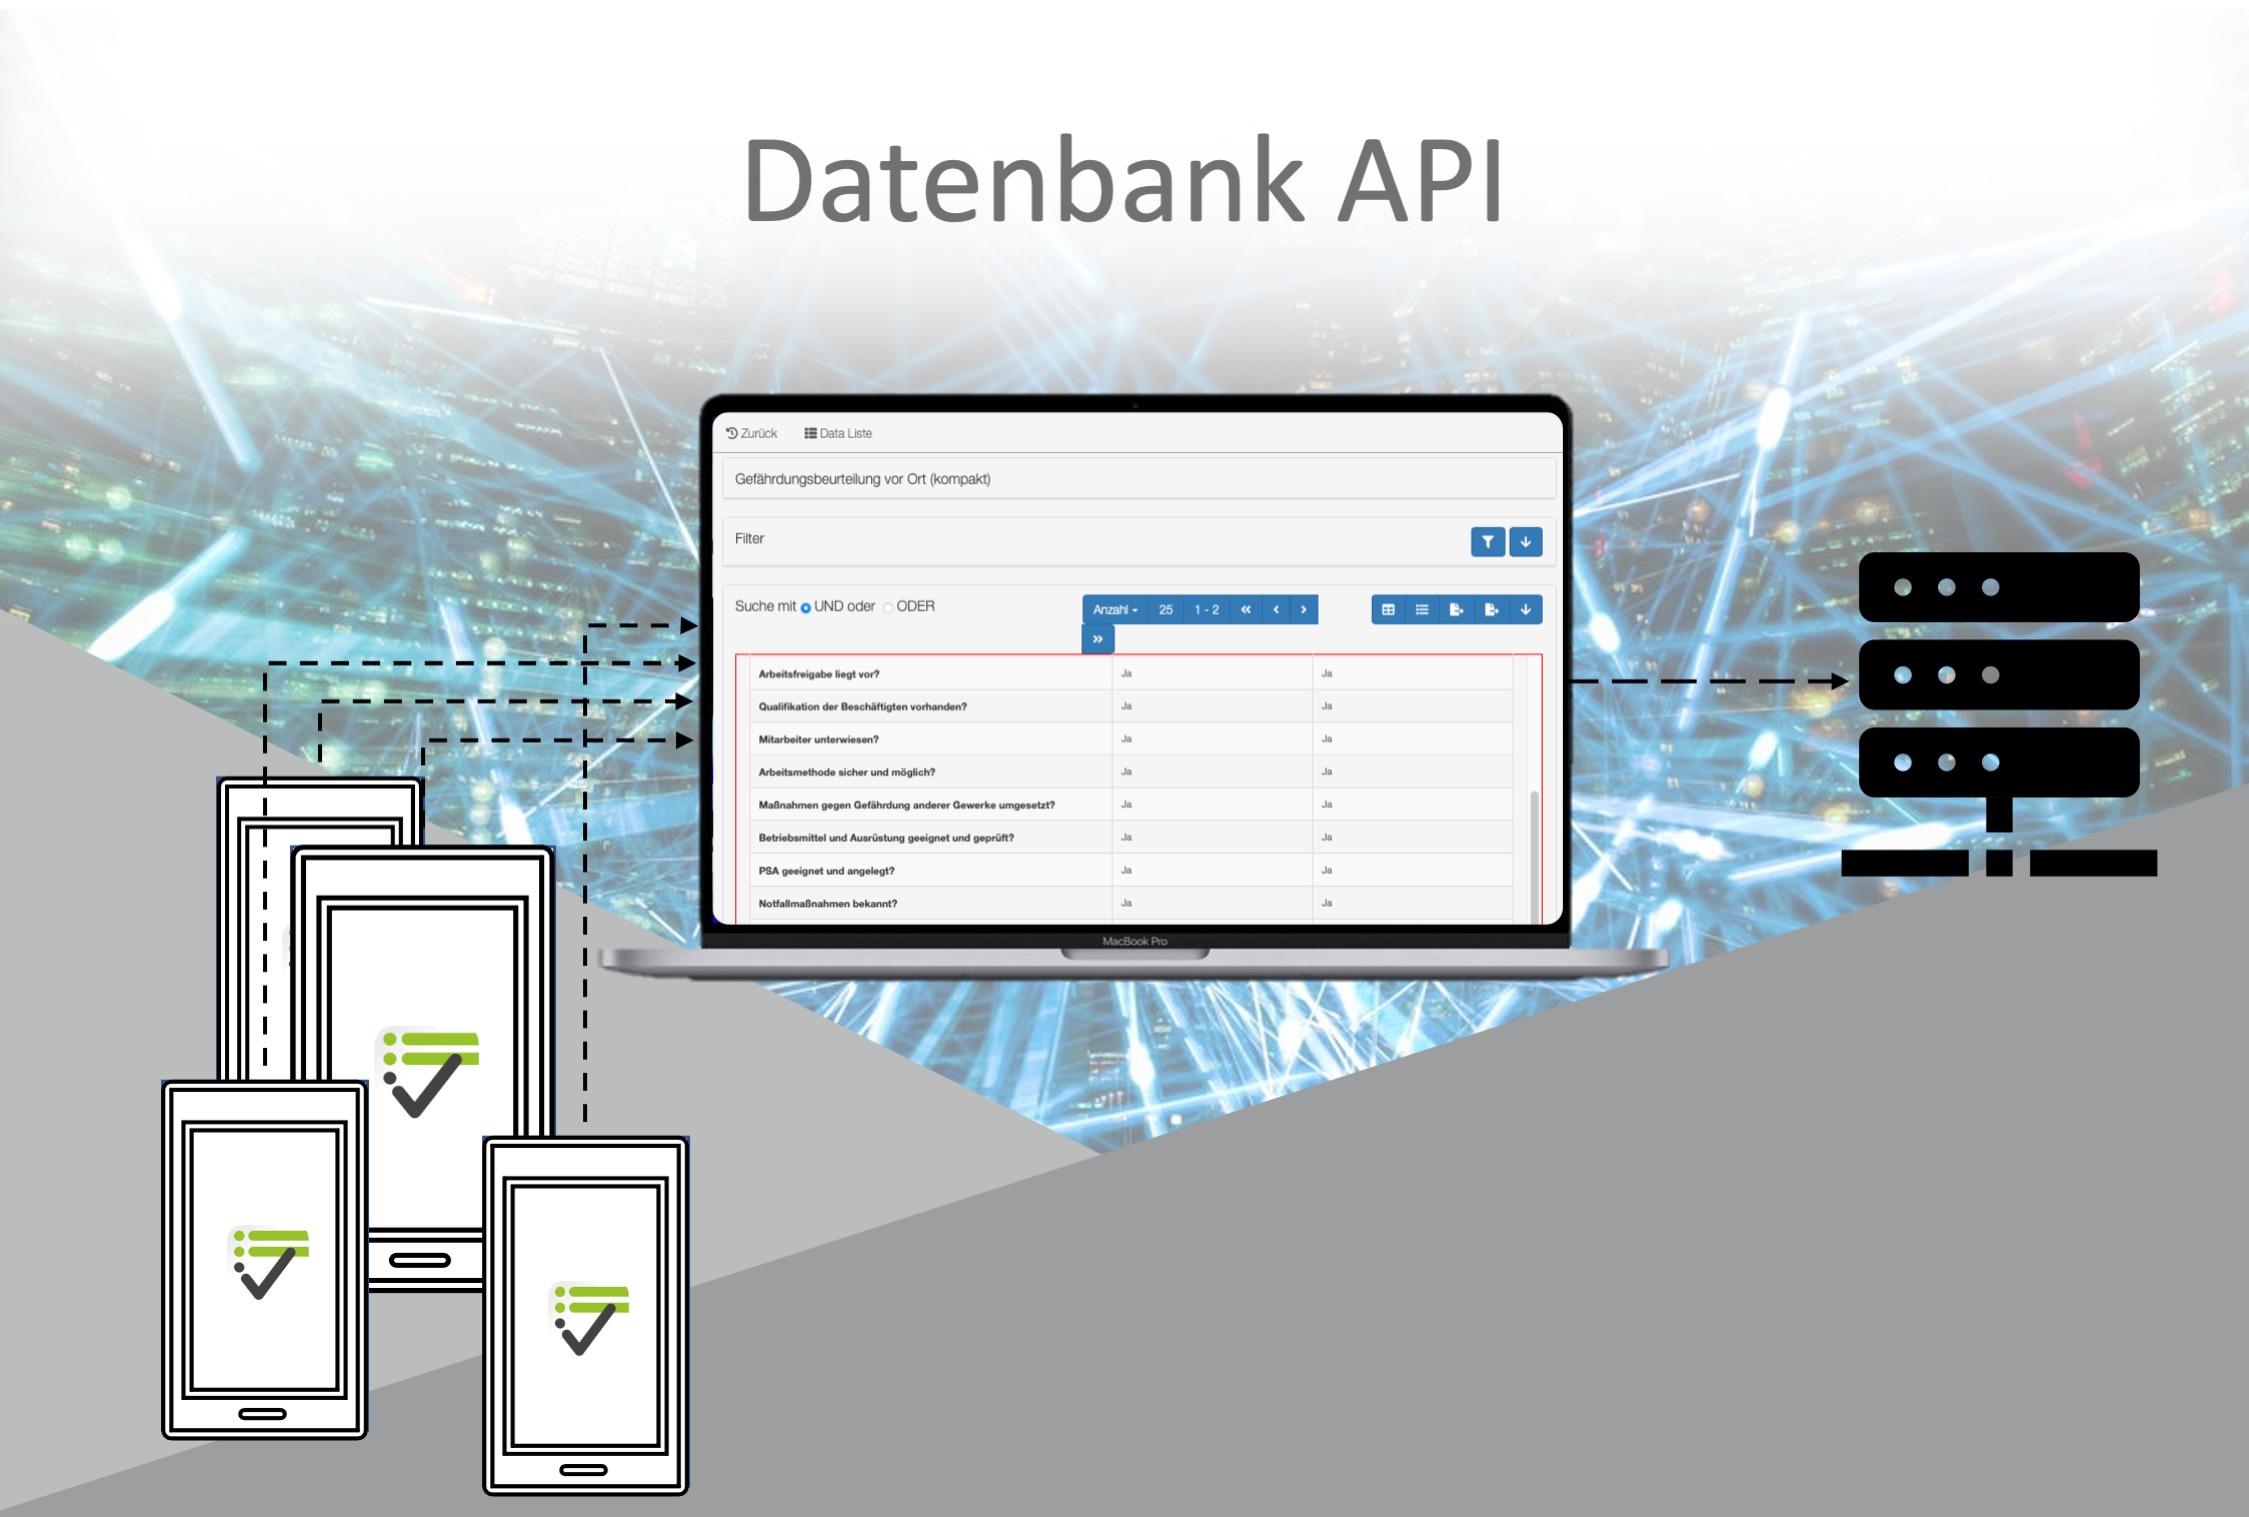 Durch die Datenbank API können Daten auf Ihren eigenes System gesendet werden.